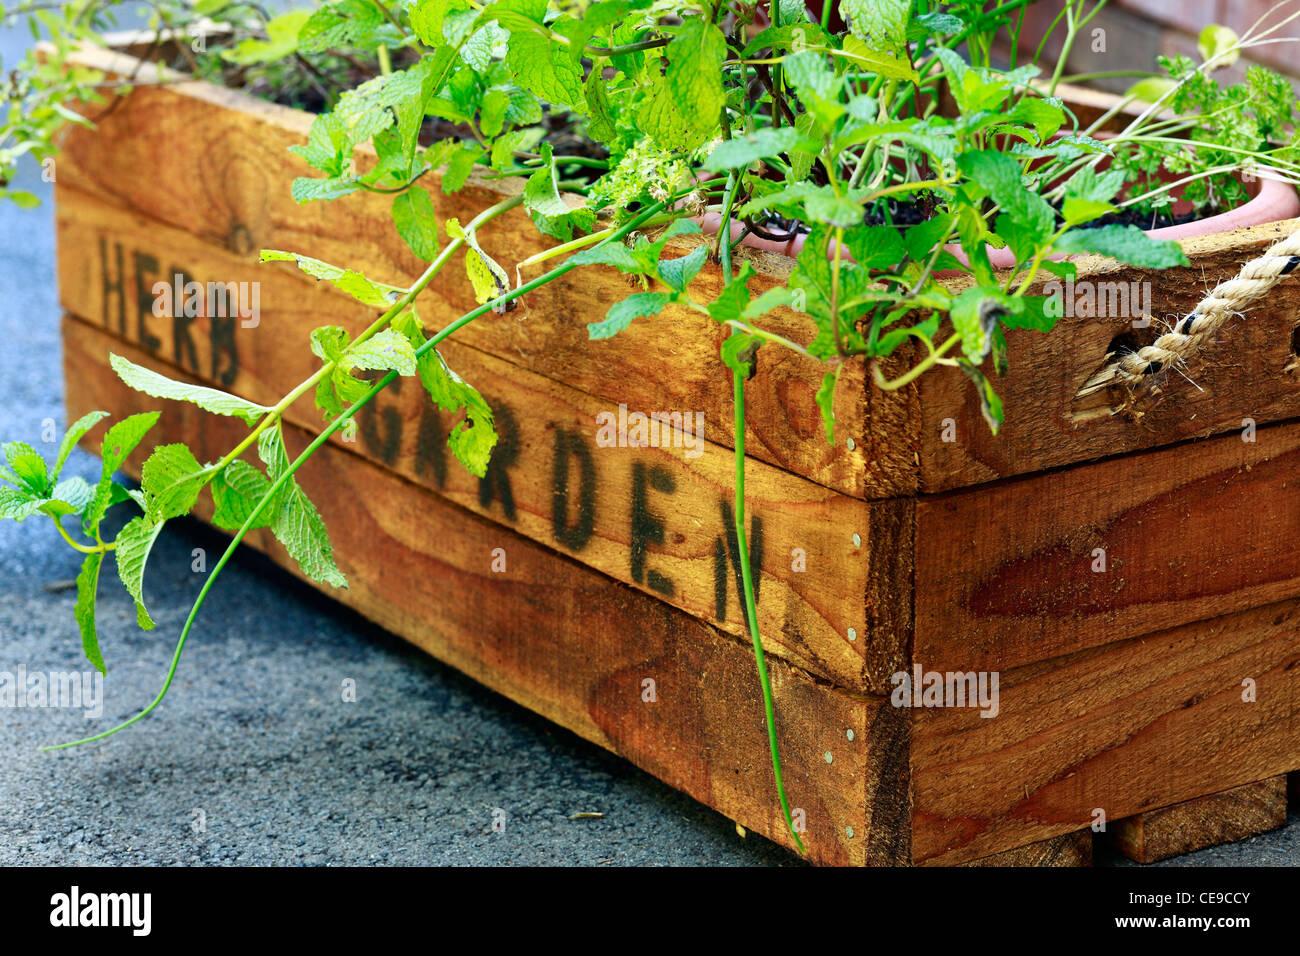 Jardin d'herbes. Caisse en bois rustique pour potted herbs. Photo Stock